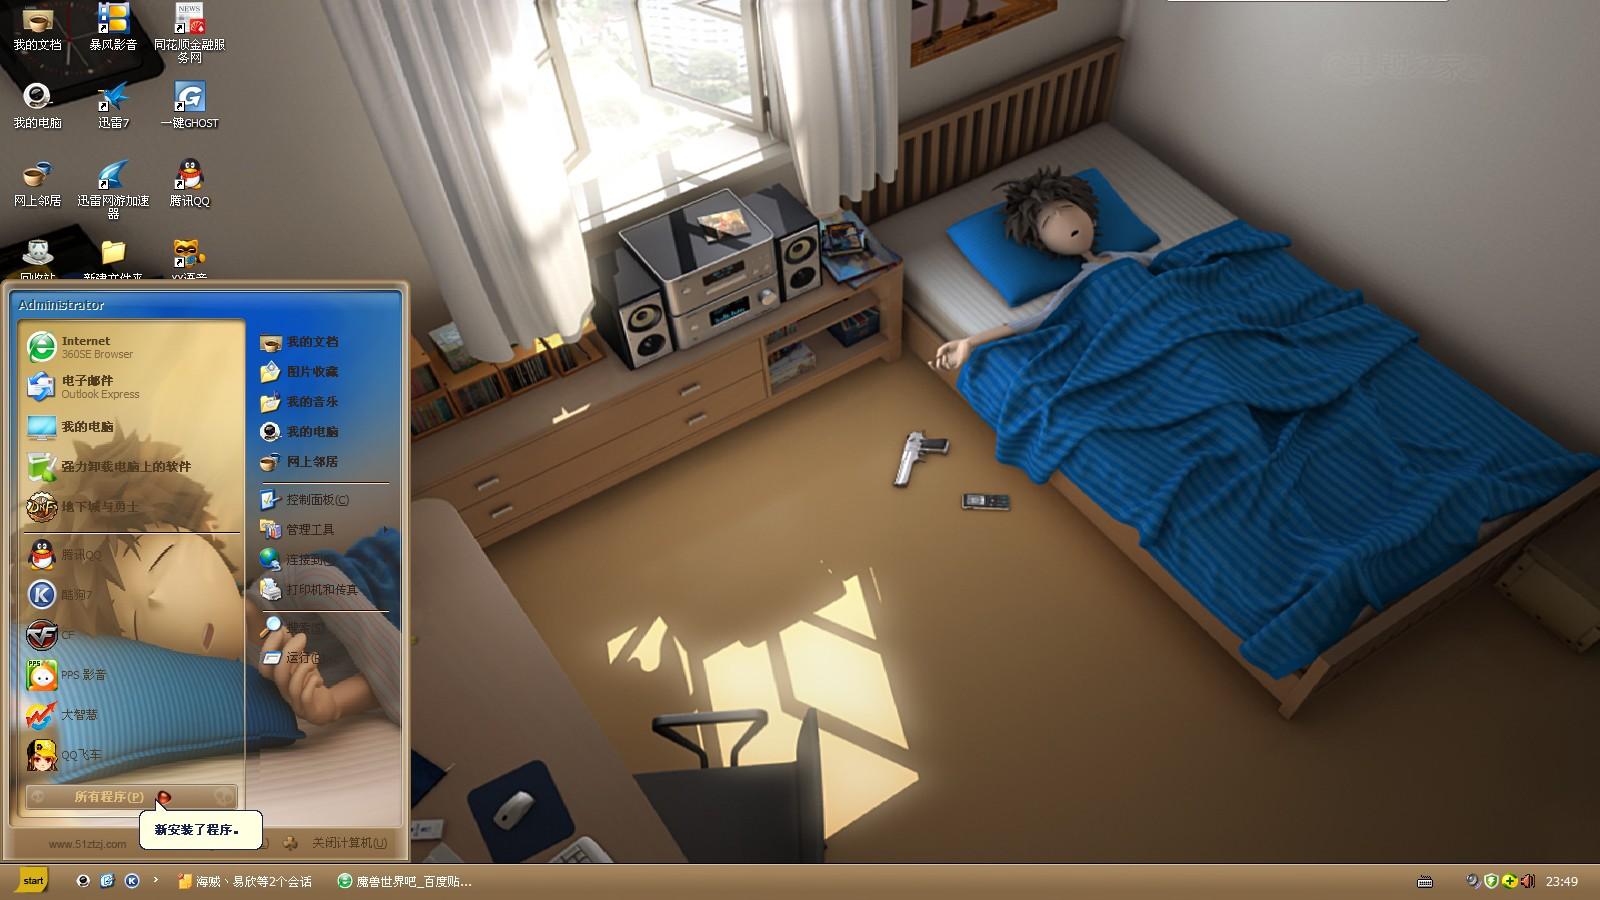 求此电脑主题 3d桌面 win7系统和xp都发下吧谢了297503210@qq.com.图片